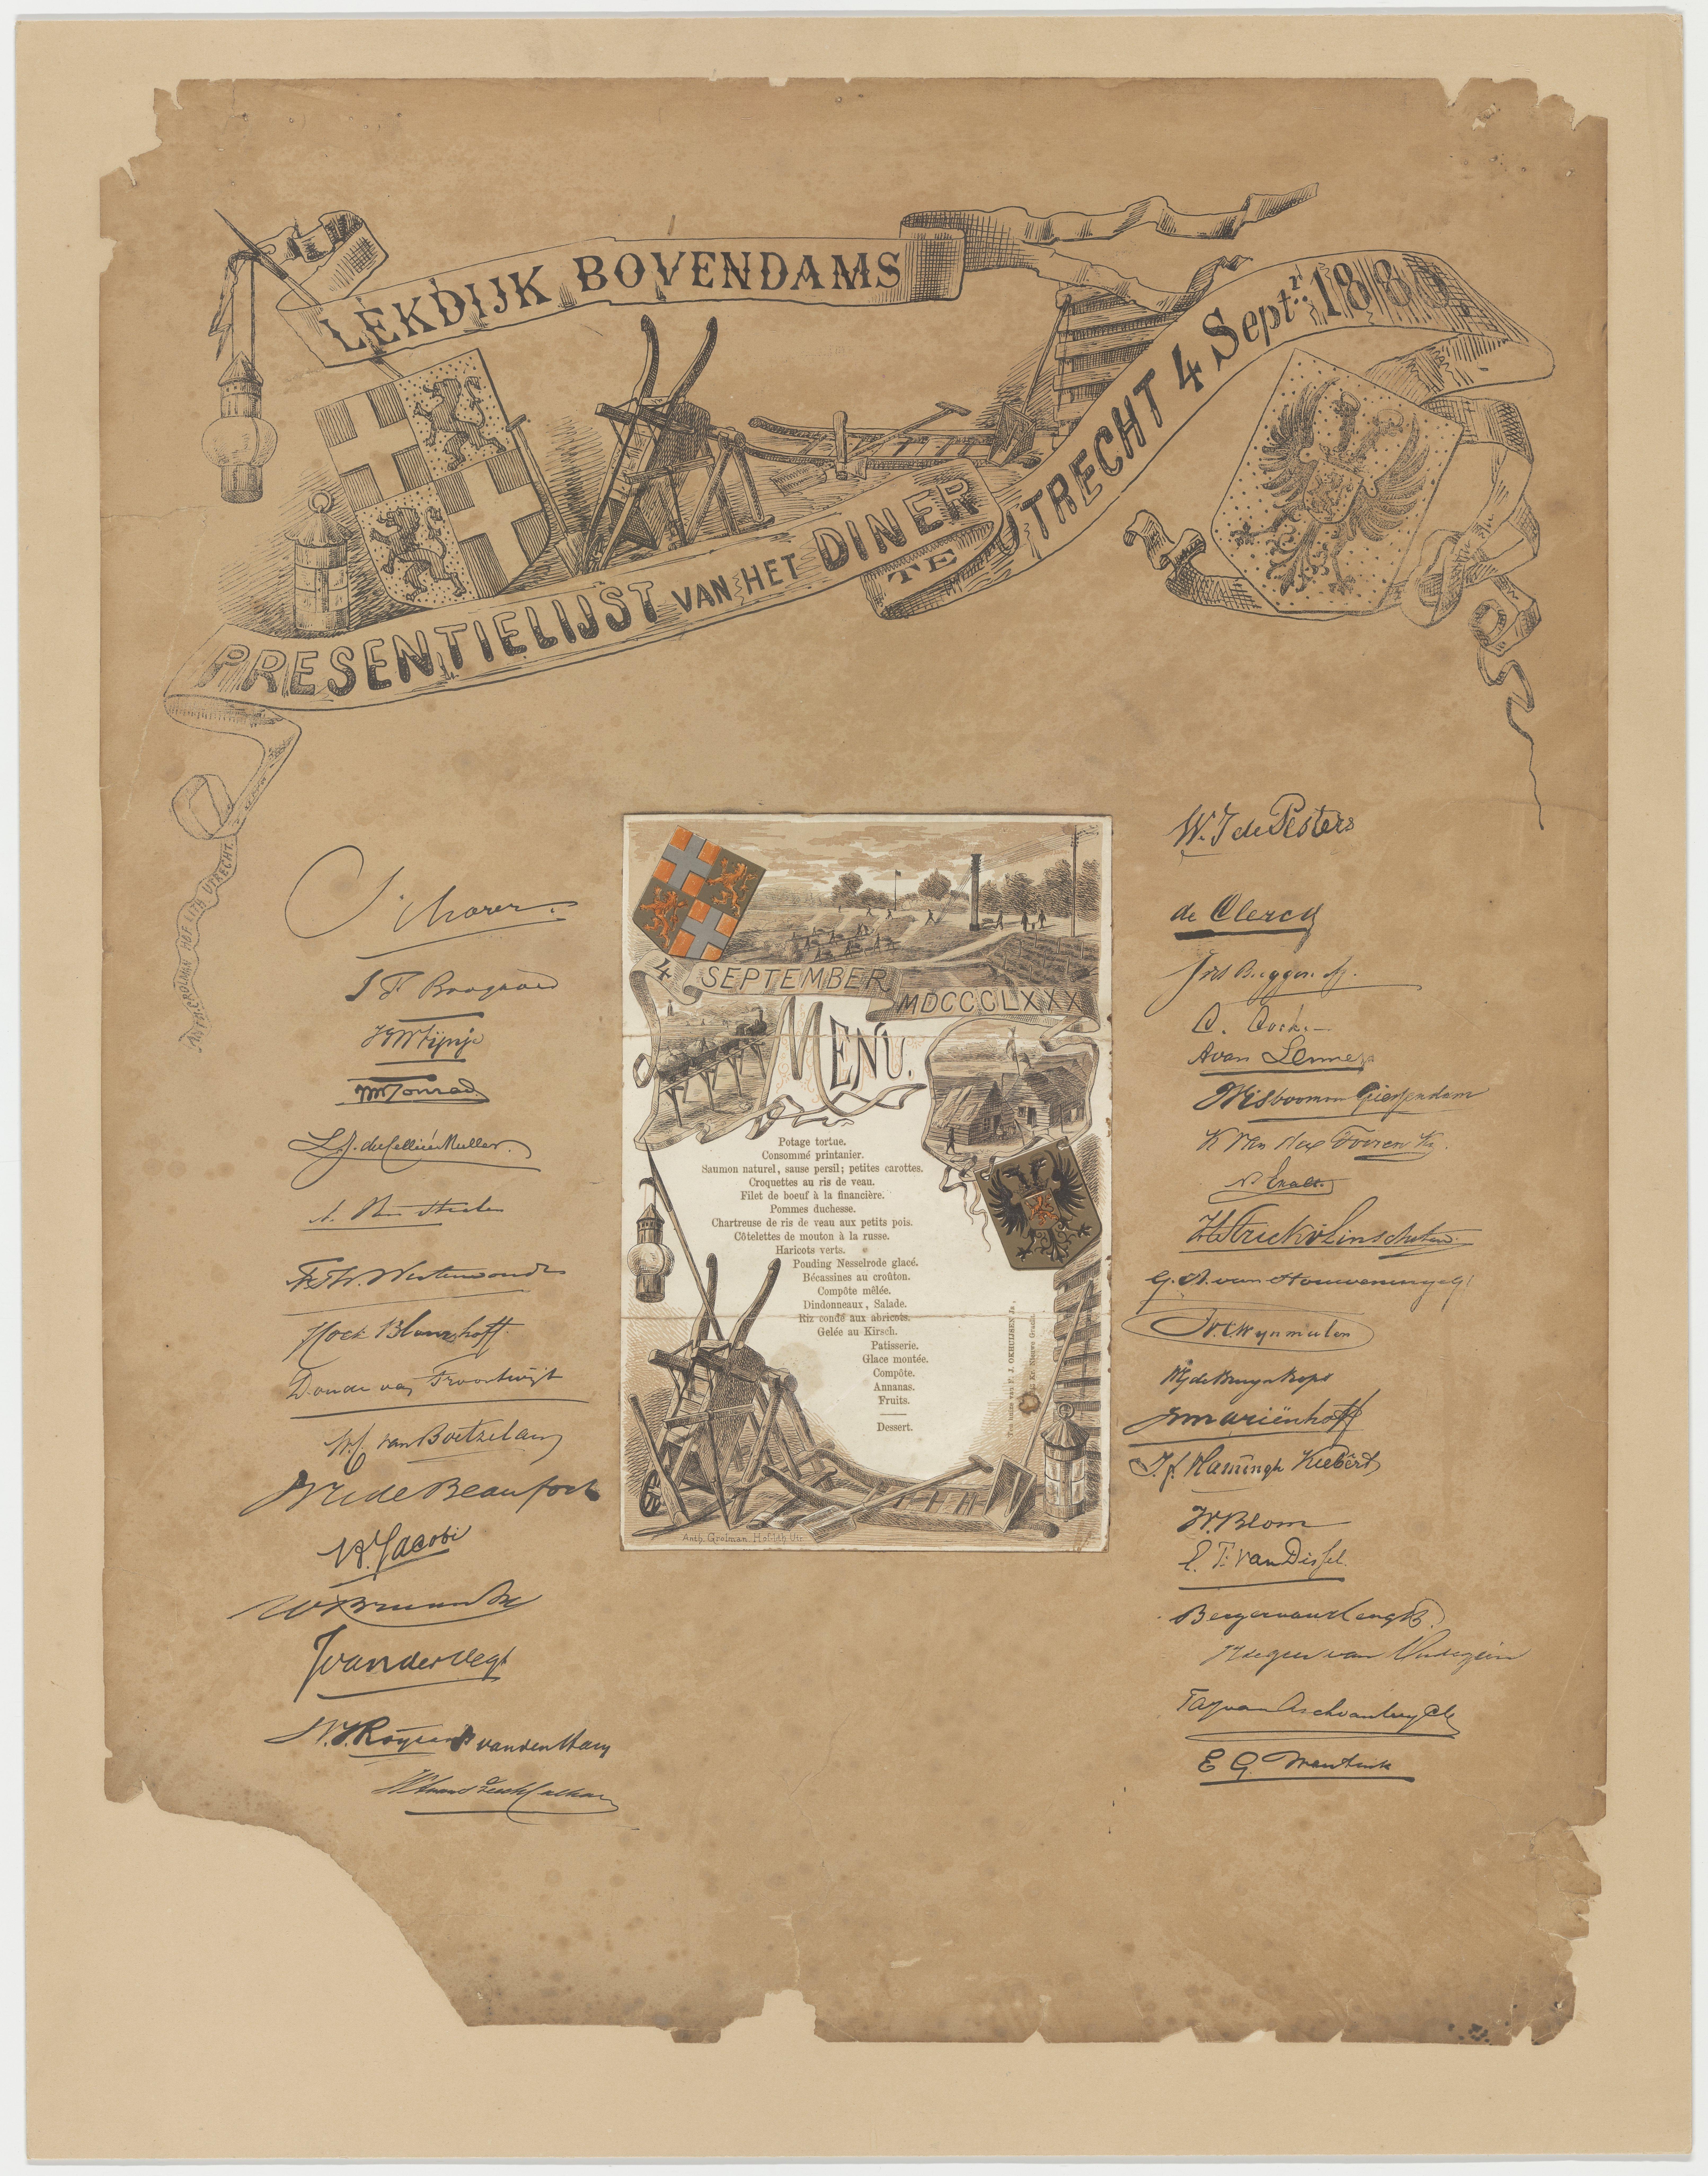 a1175 menukaart 1880 lekdijk bovendams